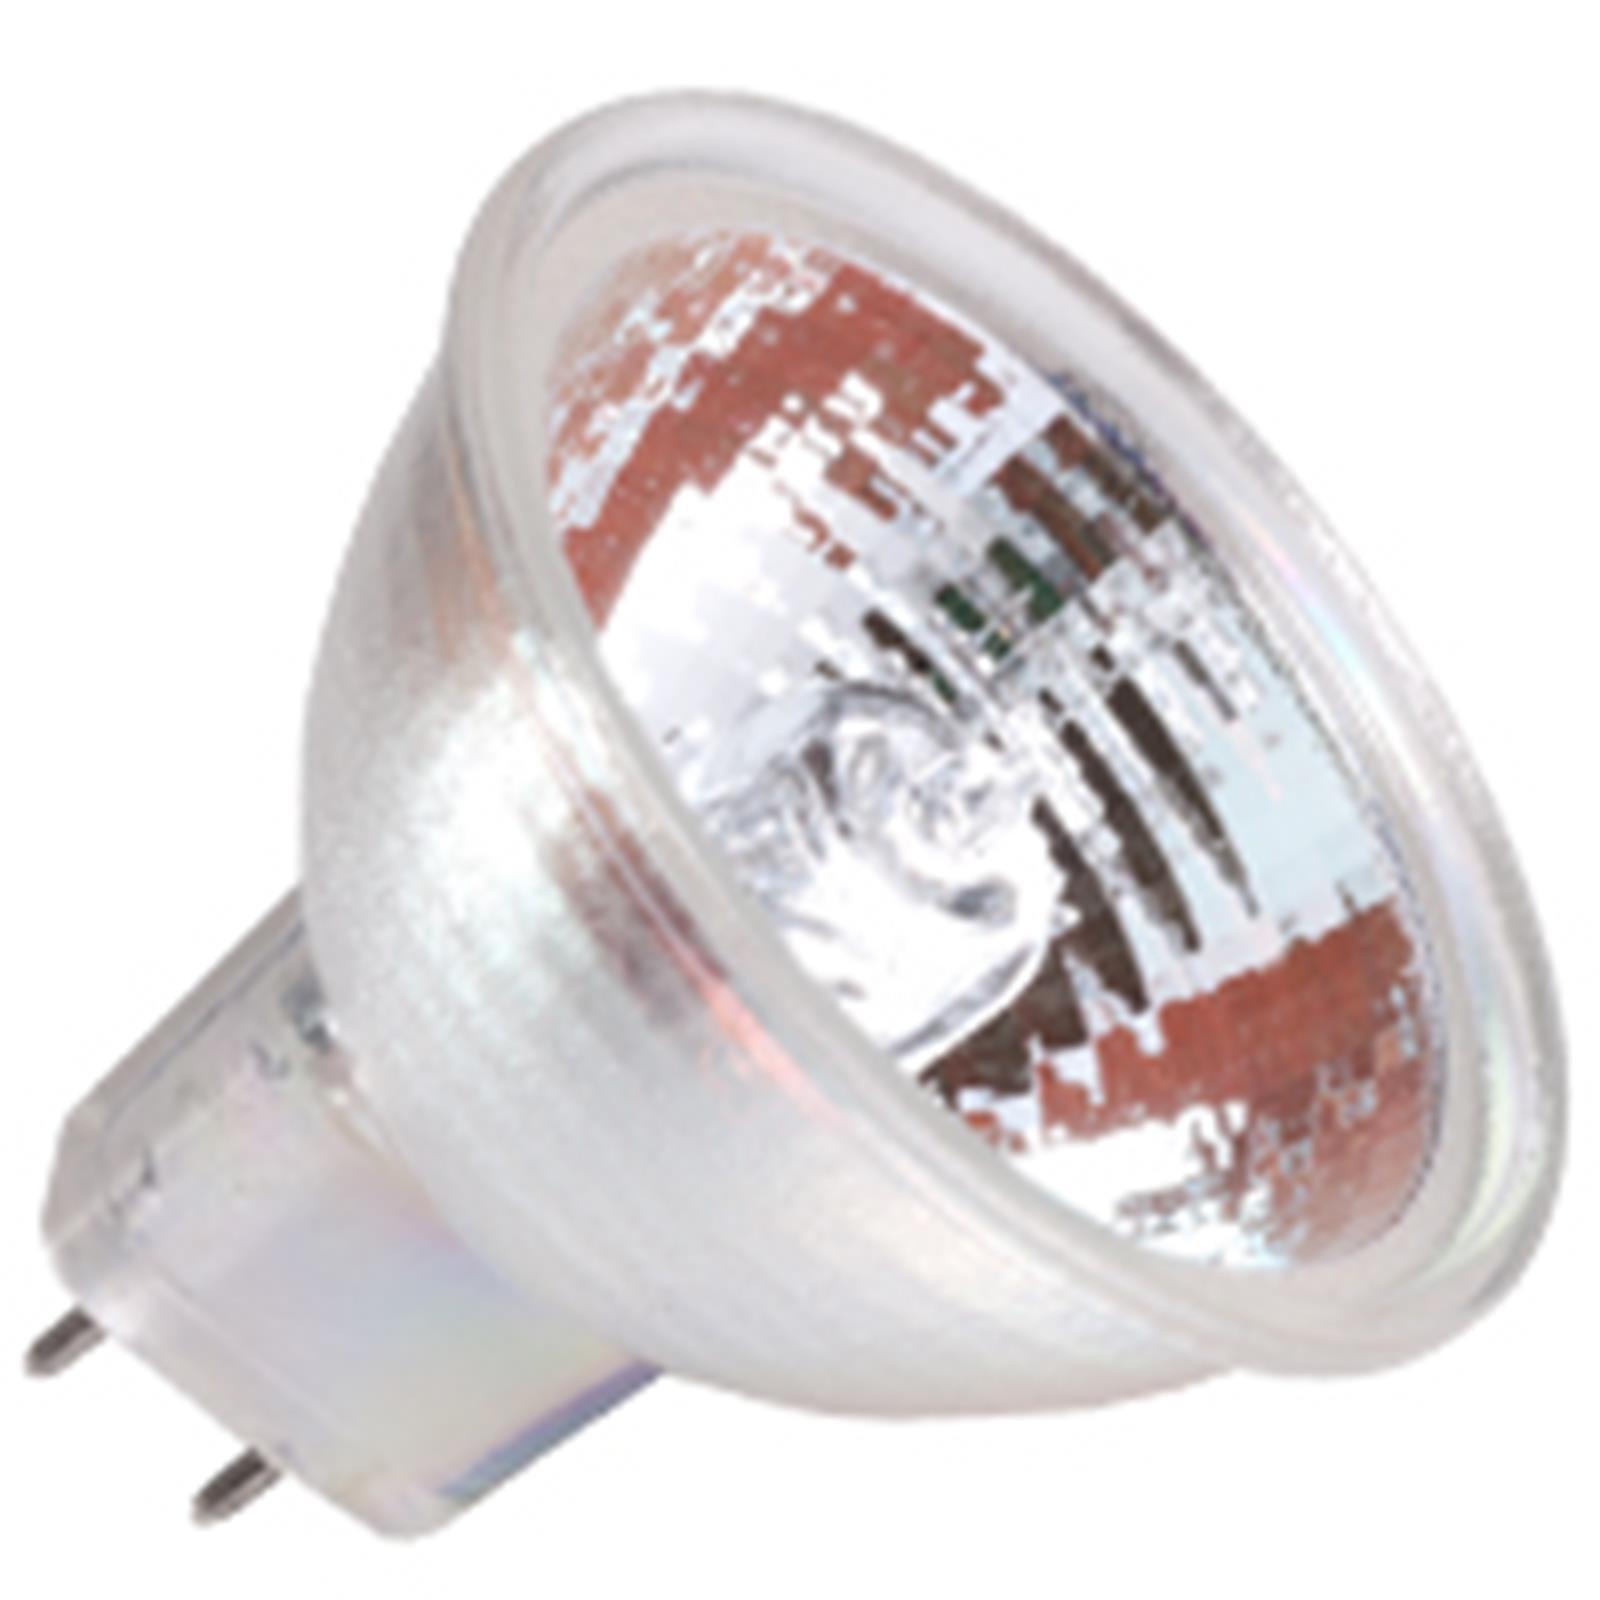 10 Qty. Halco 50W MR16 FL 120V G8 Prism EXN MR16EXN/G8 50w 120v Halogen Flood Lamp Bulb